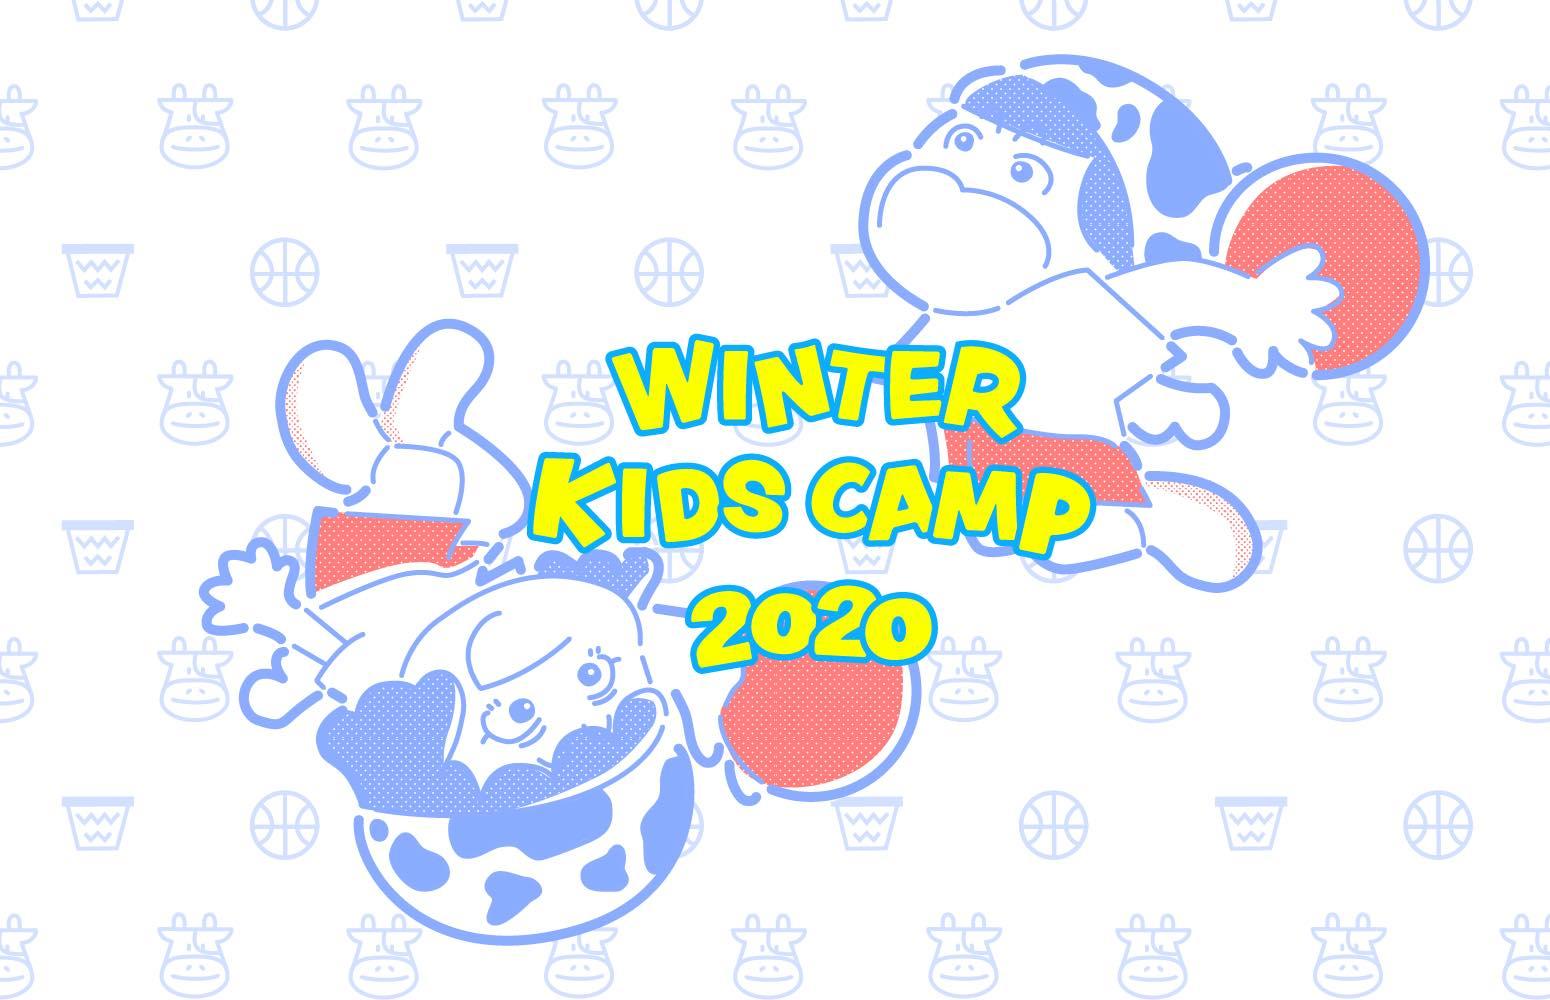 ウインターキャンプ2020